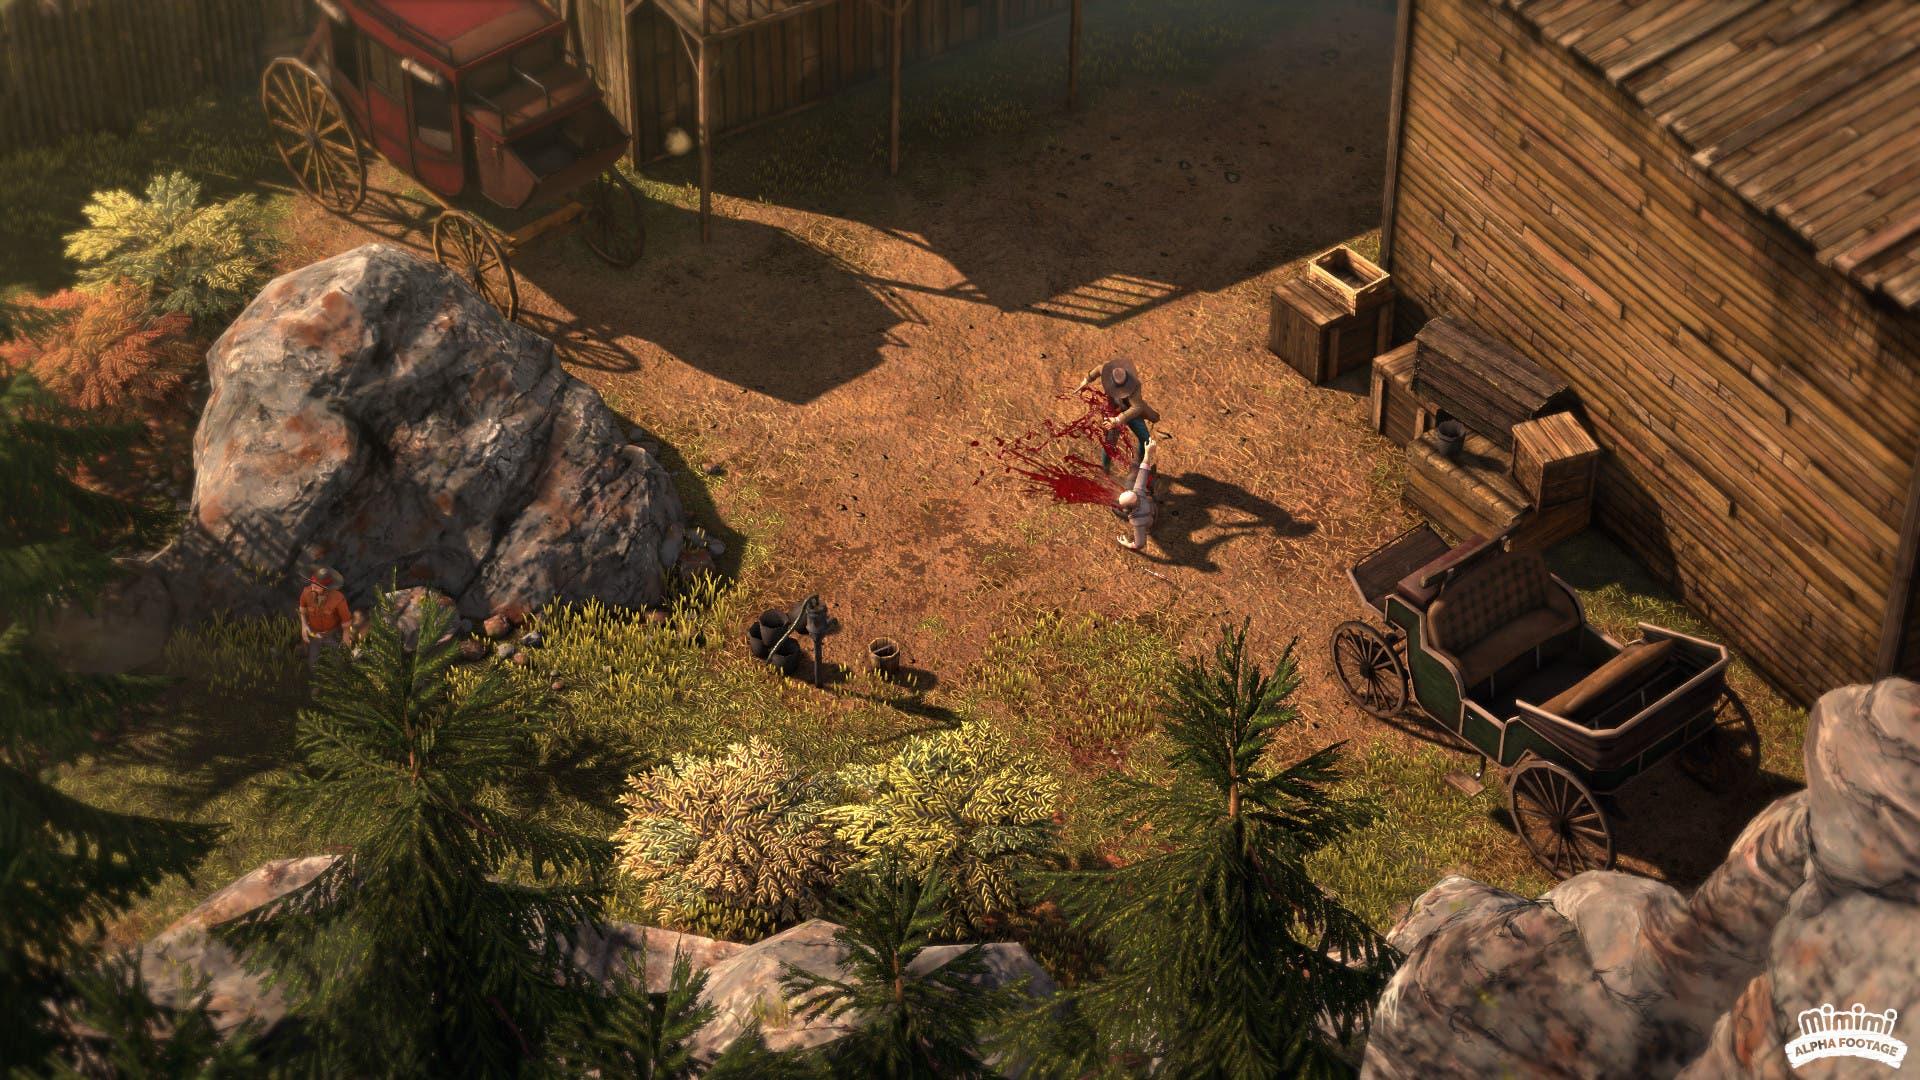 Imagen de THQ Nordic enseña de nuevo Desperados III, aventuras tácticas en el salvaje oeste